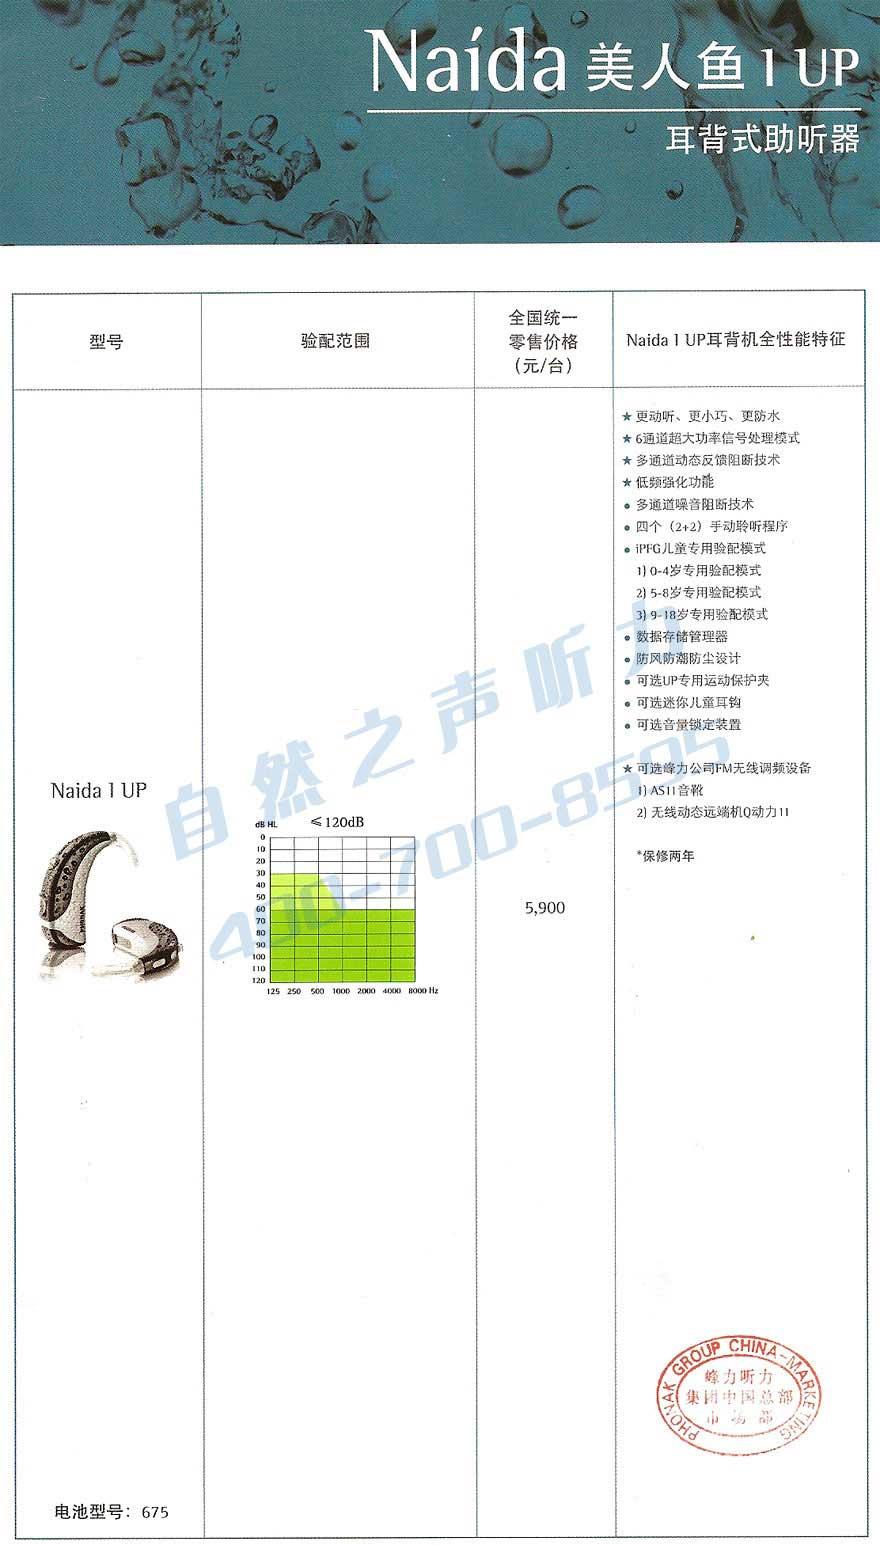 瑞士峰力助听器价格表_美人鱼1 UP(耳背式助听器)